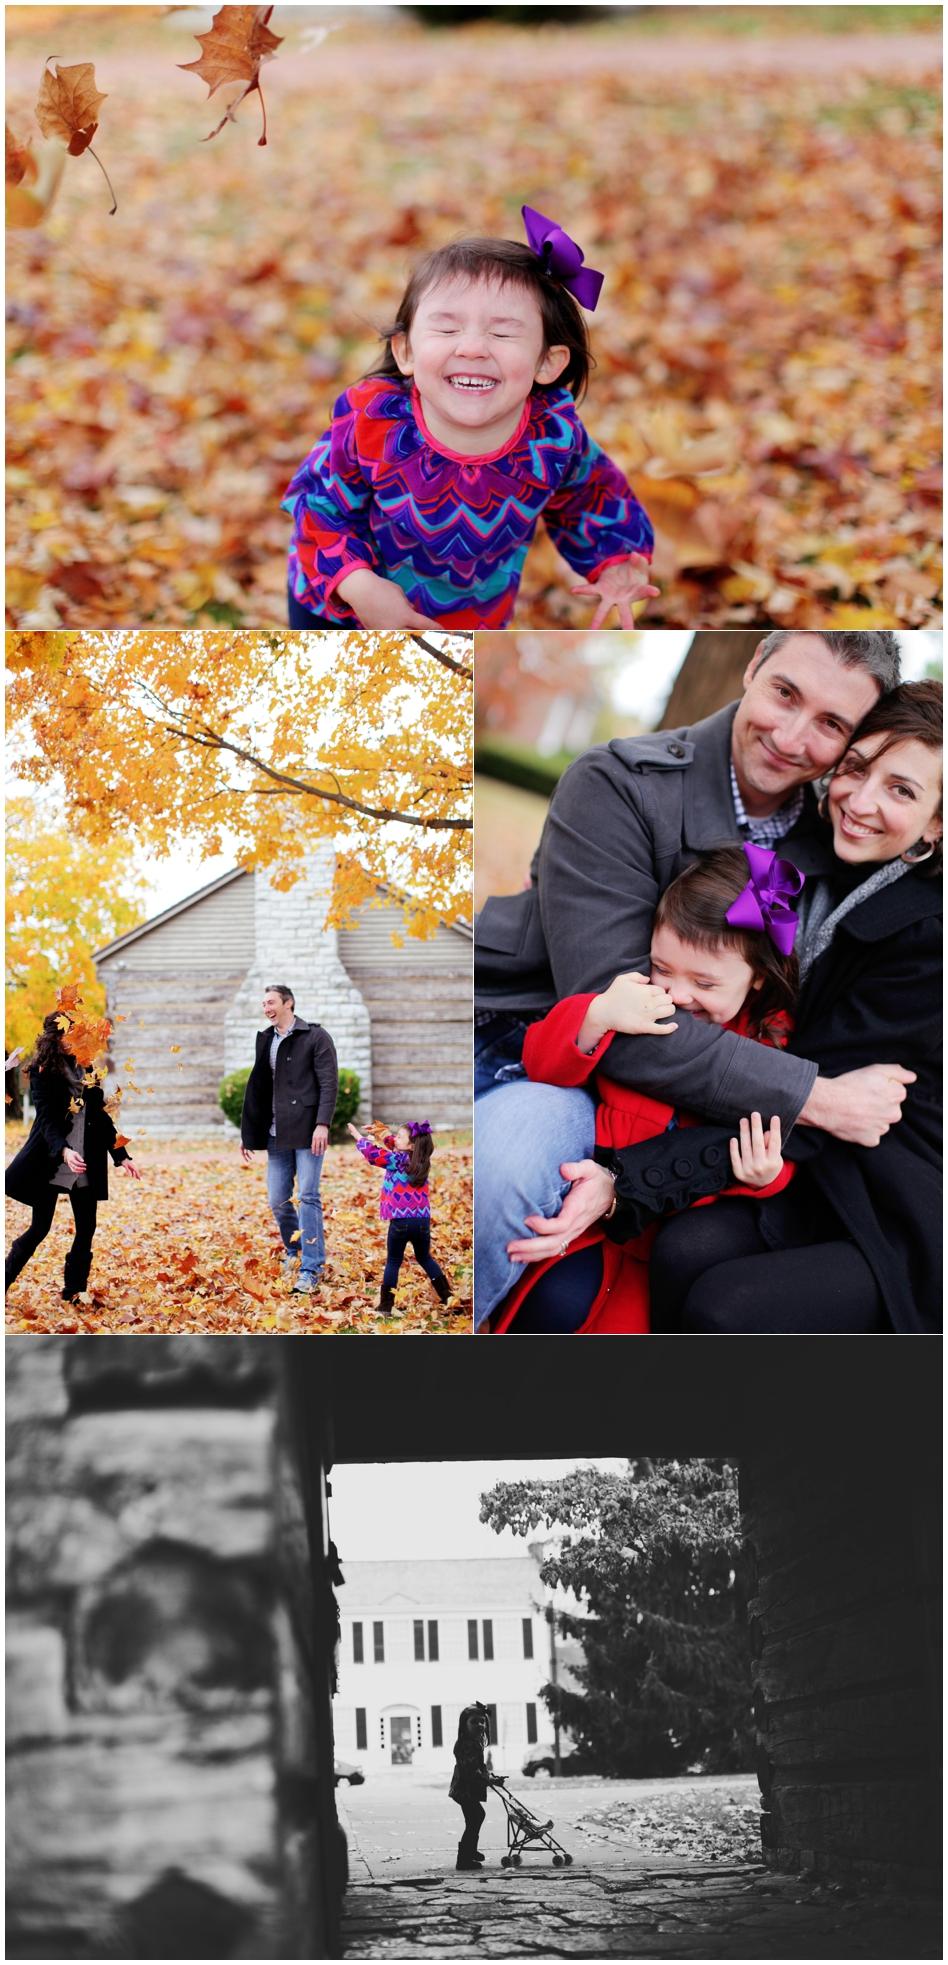 2012-11-18_0002.jpg